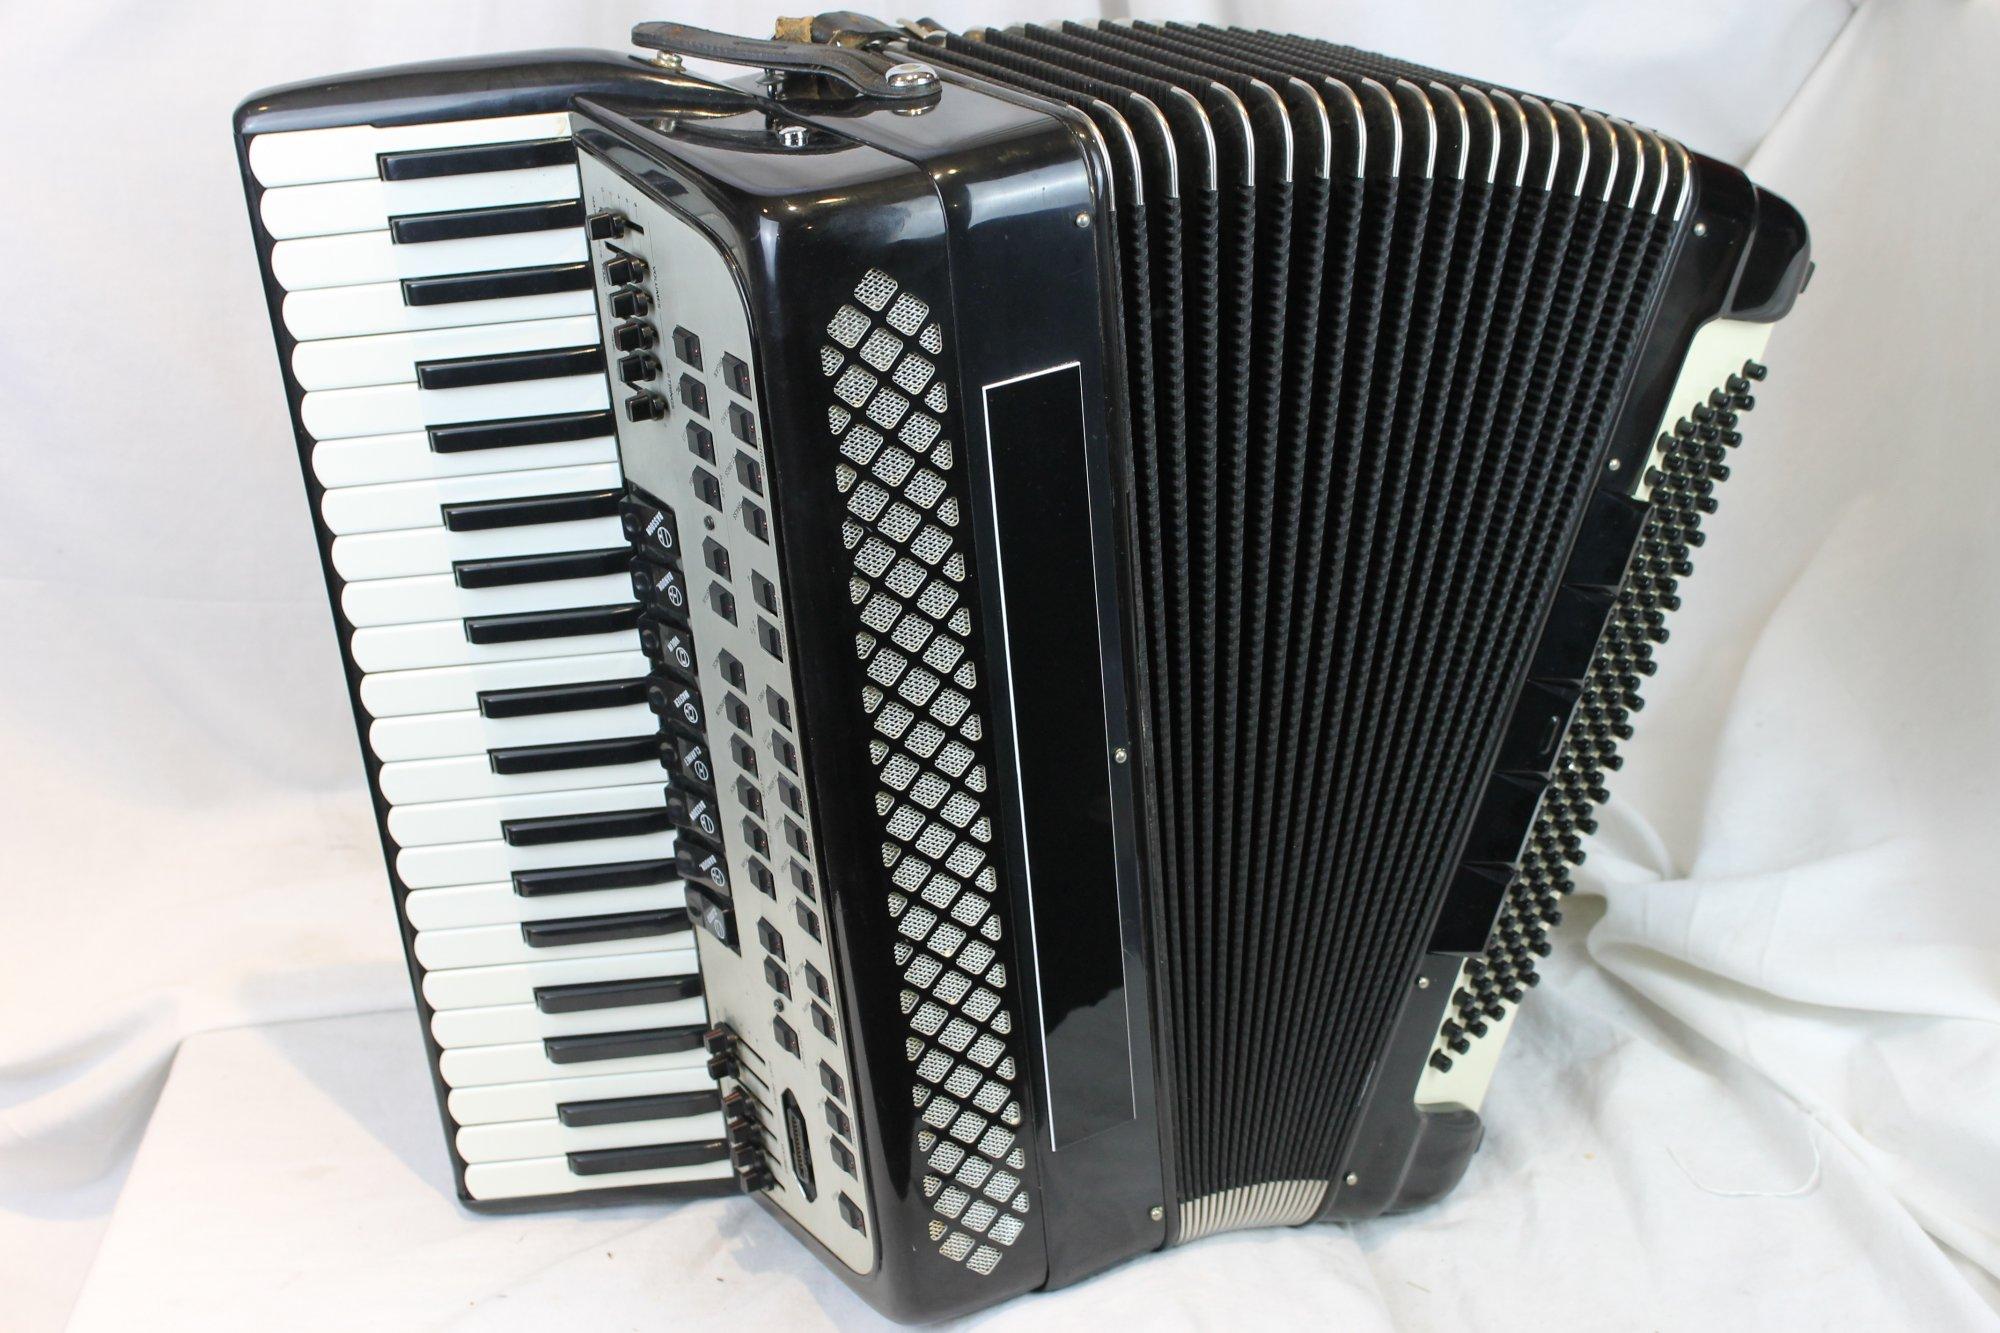 3762 - Black Crumar Magicvox Piano Accordion LMM 41 120